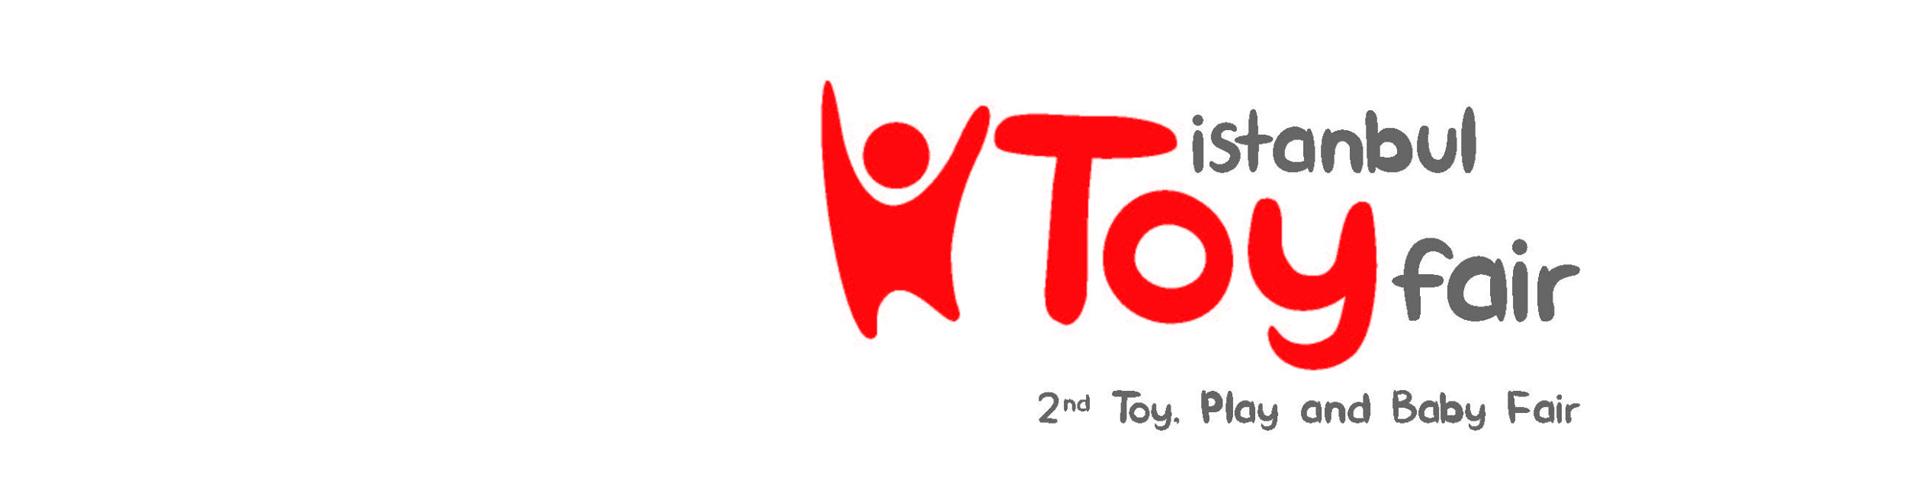 نمایشگاه بین المللی بازی، اسباب بازی و کودک استانبول